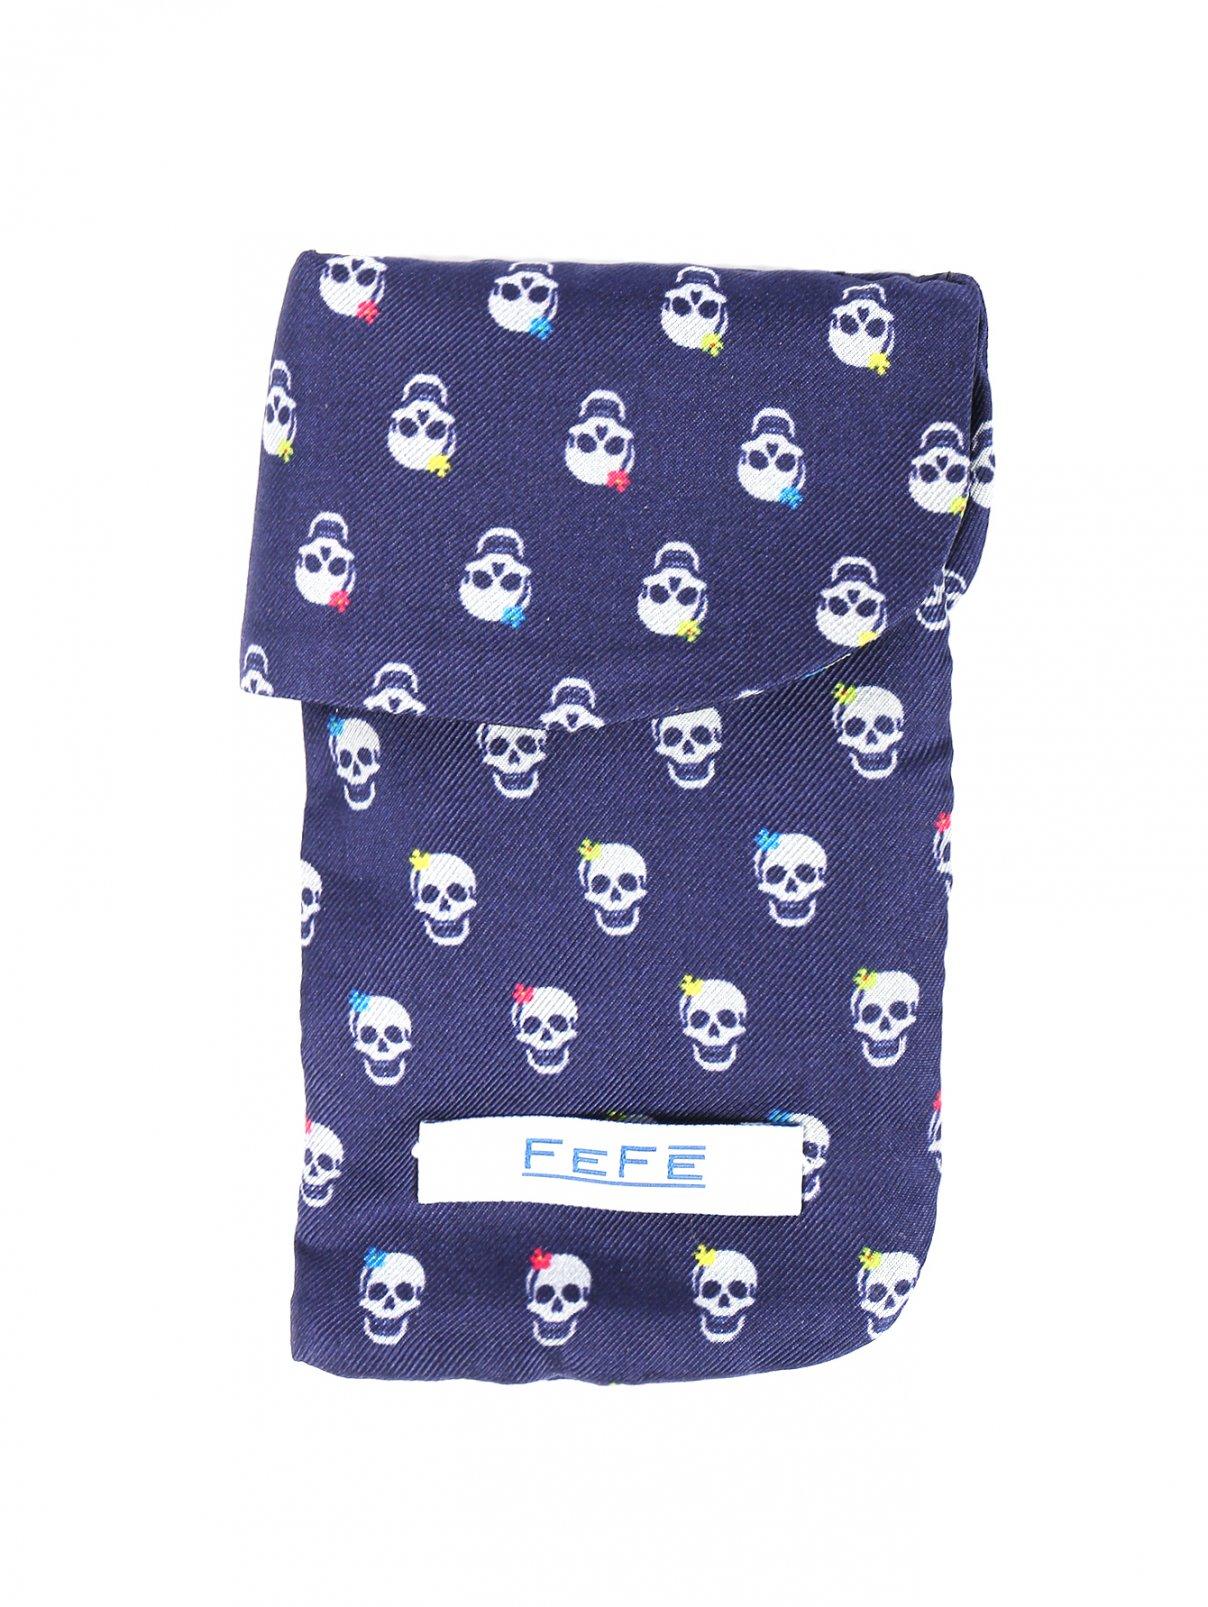 Чехол для IPhone из шелка с узором Fefe  –  Общий вид  – Цвет:  Синий